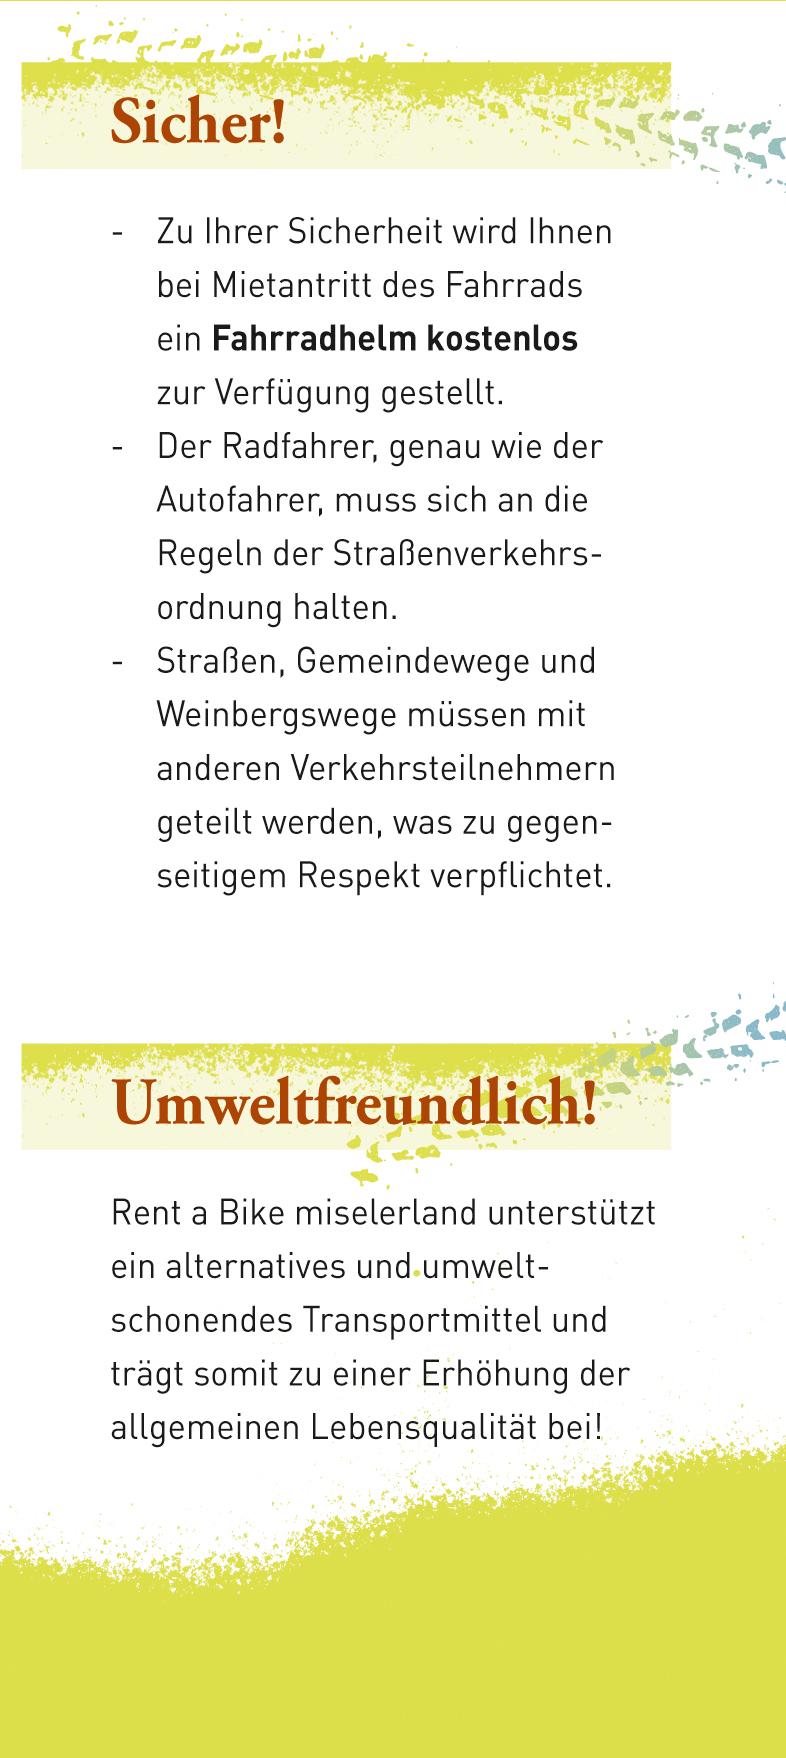 Rent-a-Bike_5.jpg#asset:767